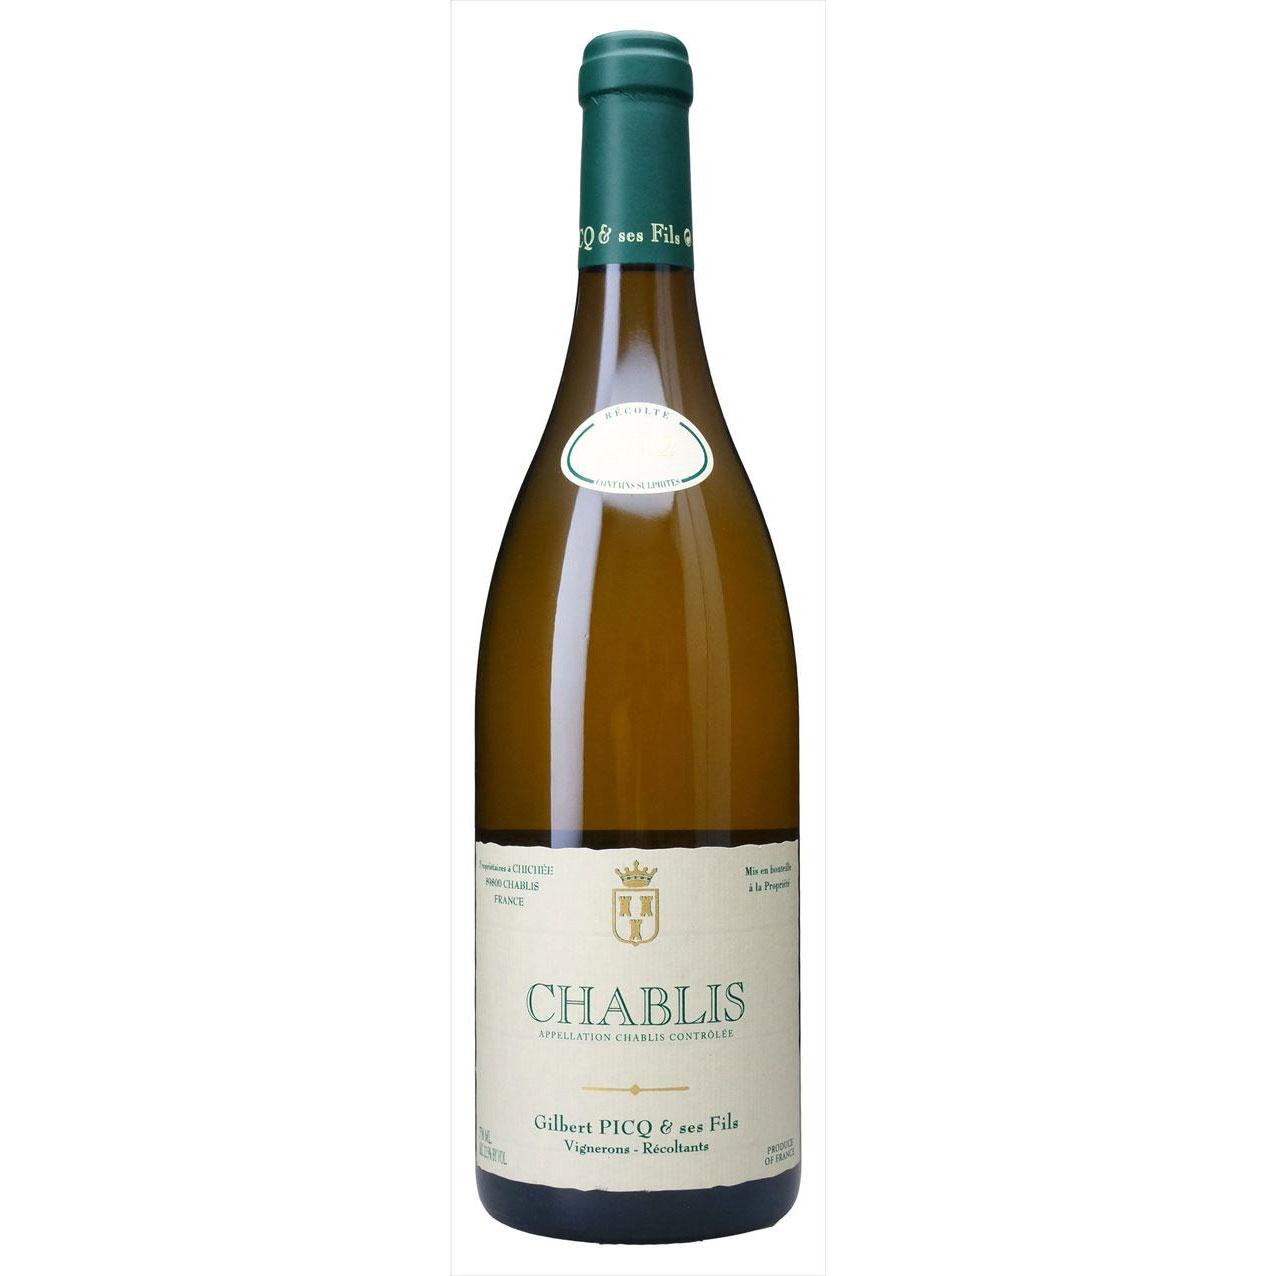 父の日 プレゼント ギフト シャブリ ジルベール ピク エ フィス 白 750ml 12本 フランス シャブリ 白ワイン 送料無料 コンビニ受取対応商品 ヴィンテージ管理しておりません、変わる場合があります ラッキーシール対応